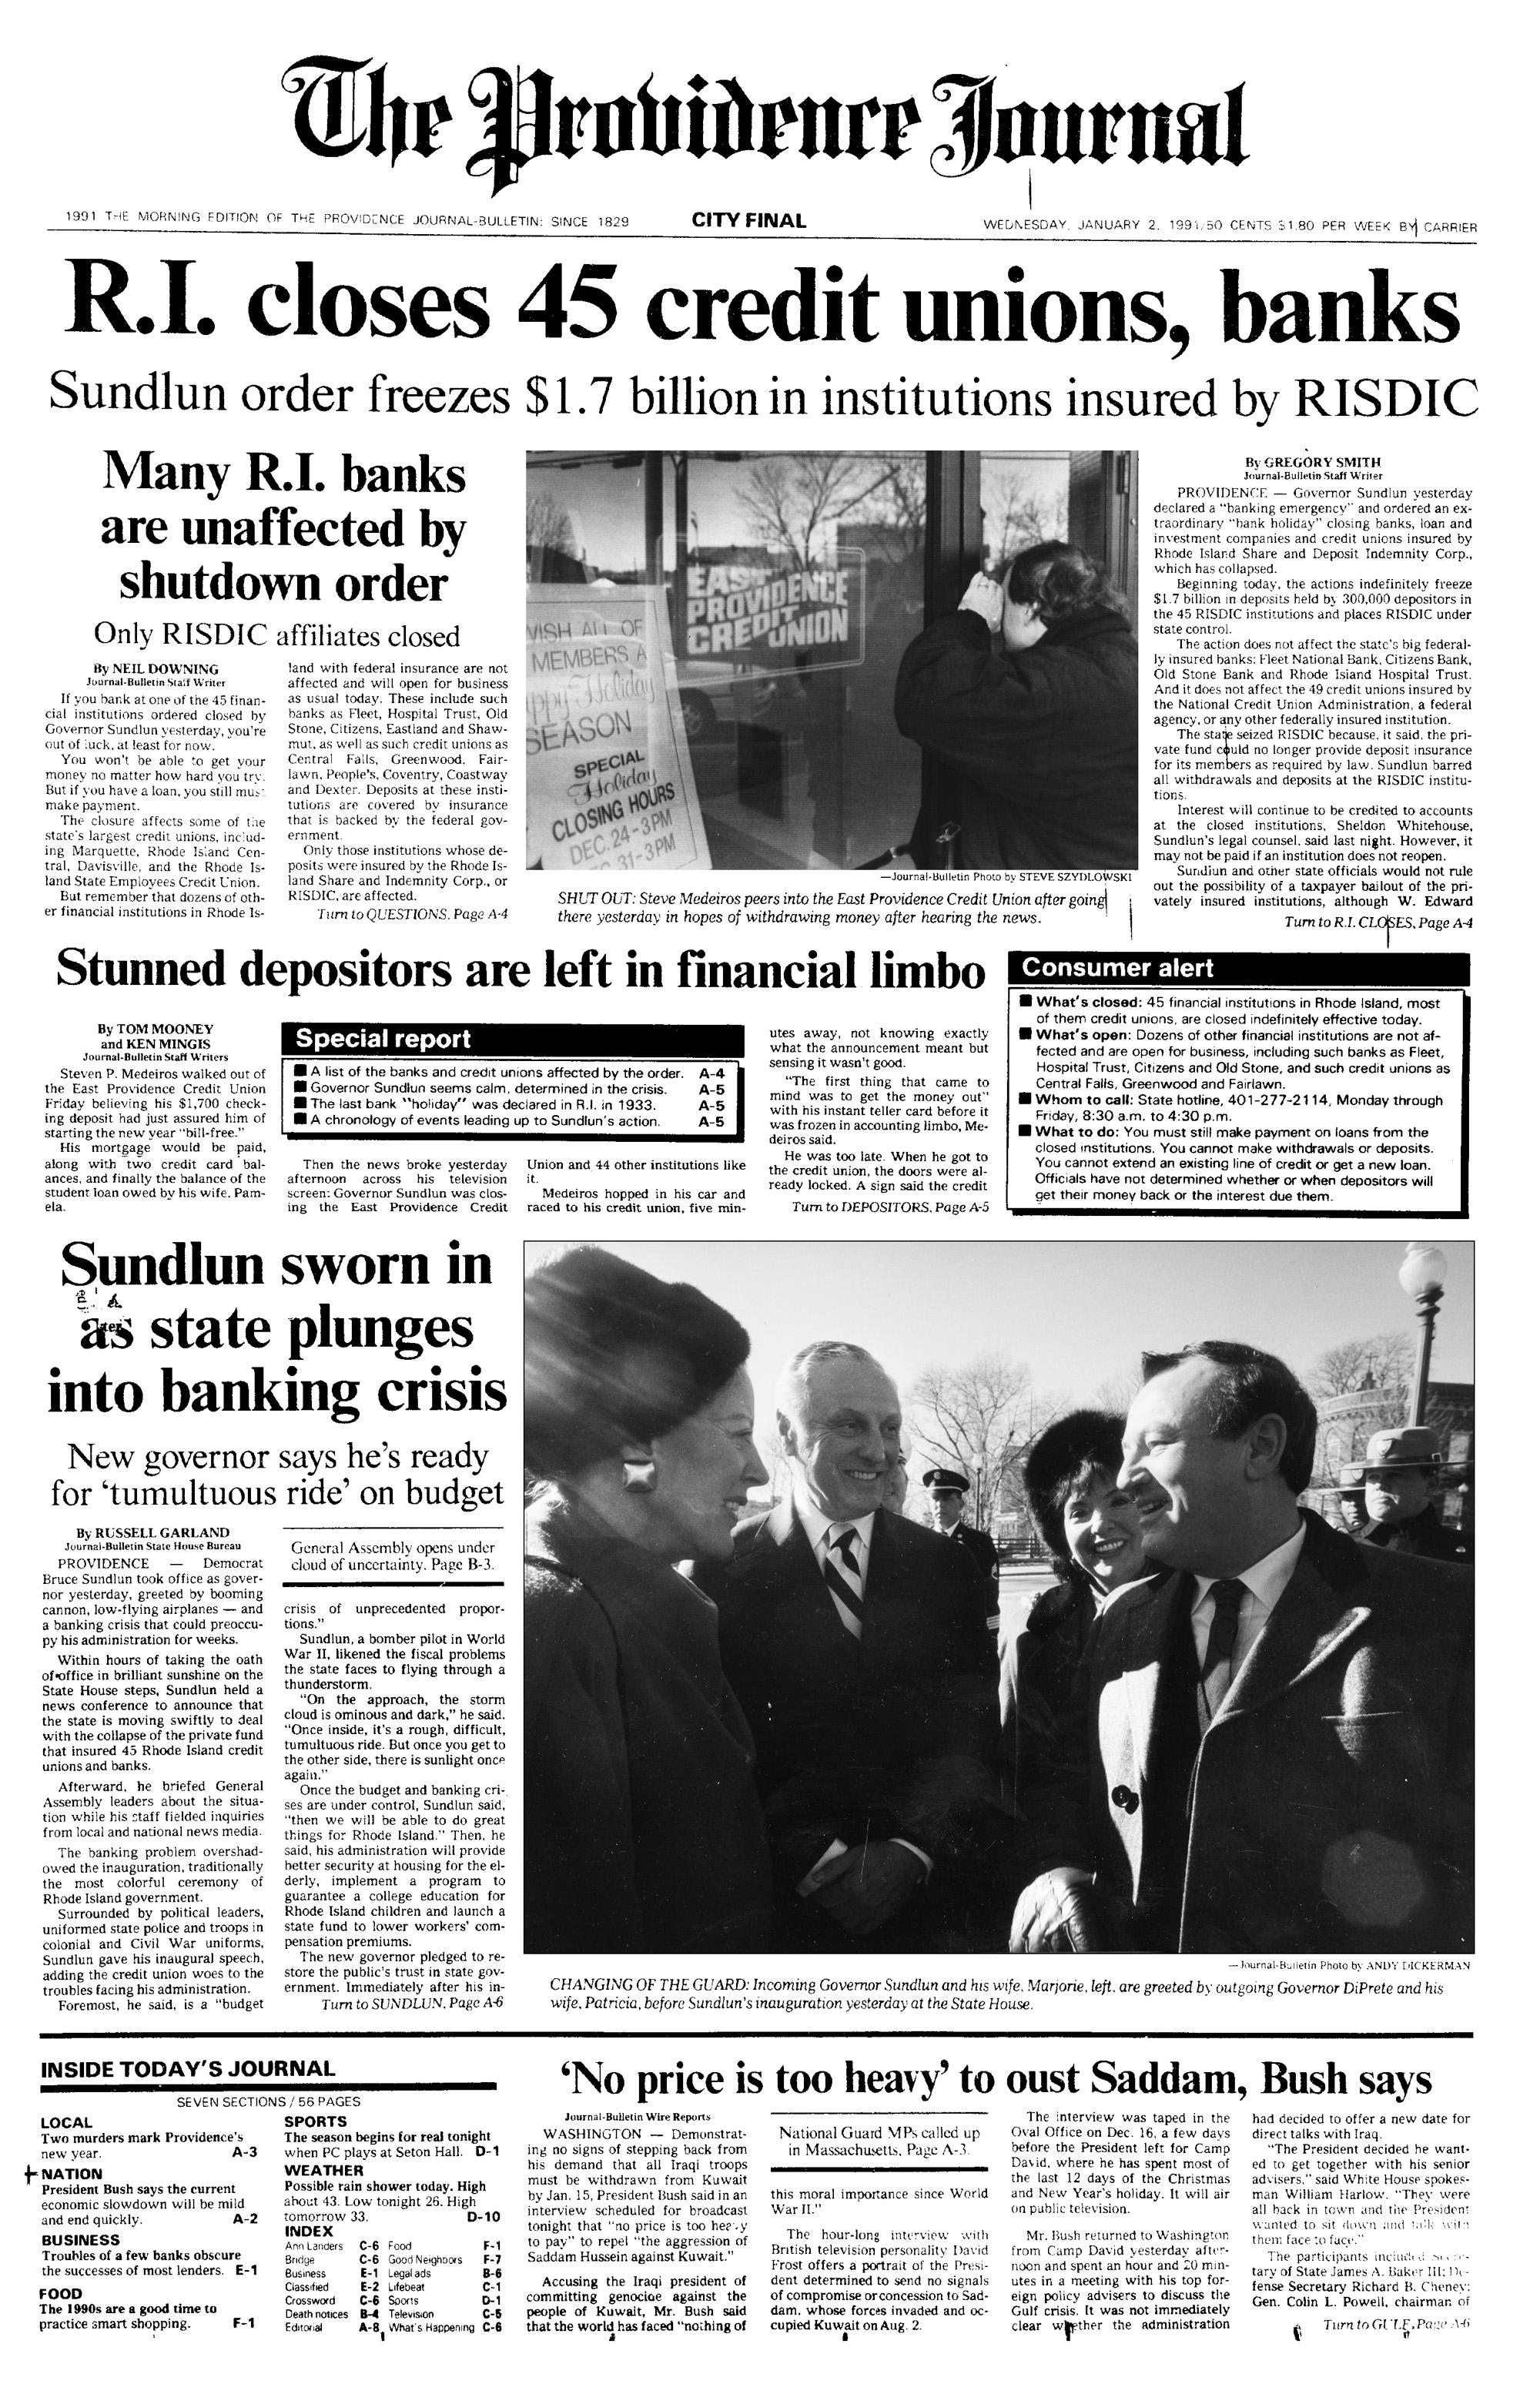 19910102 banks closed.jpg